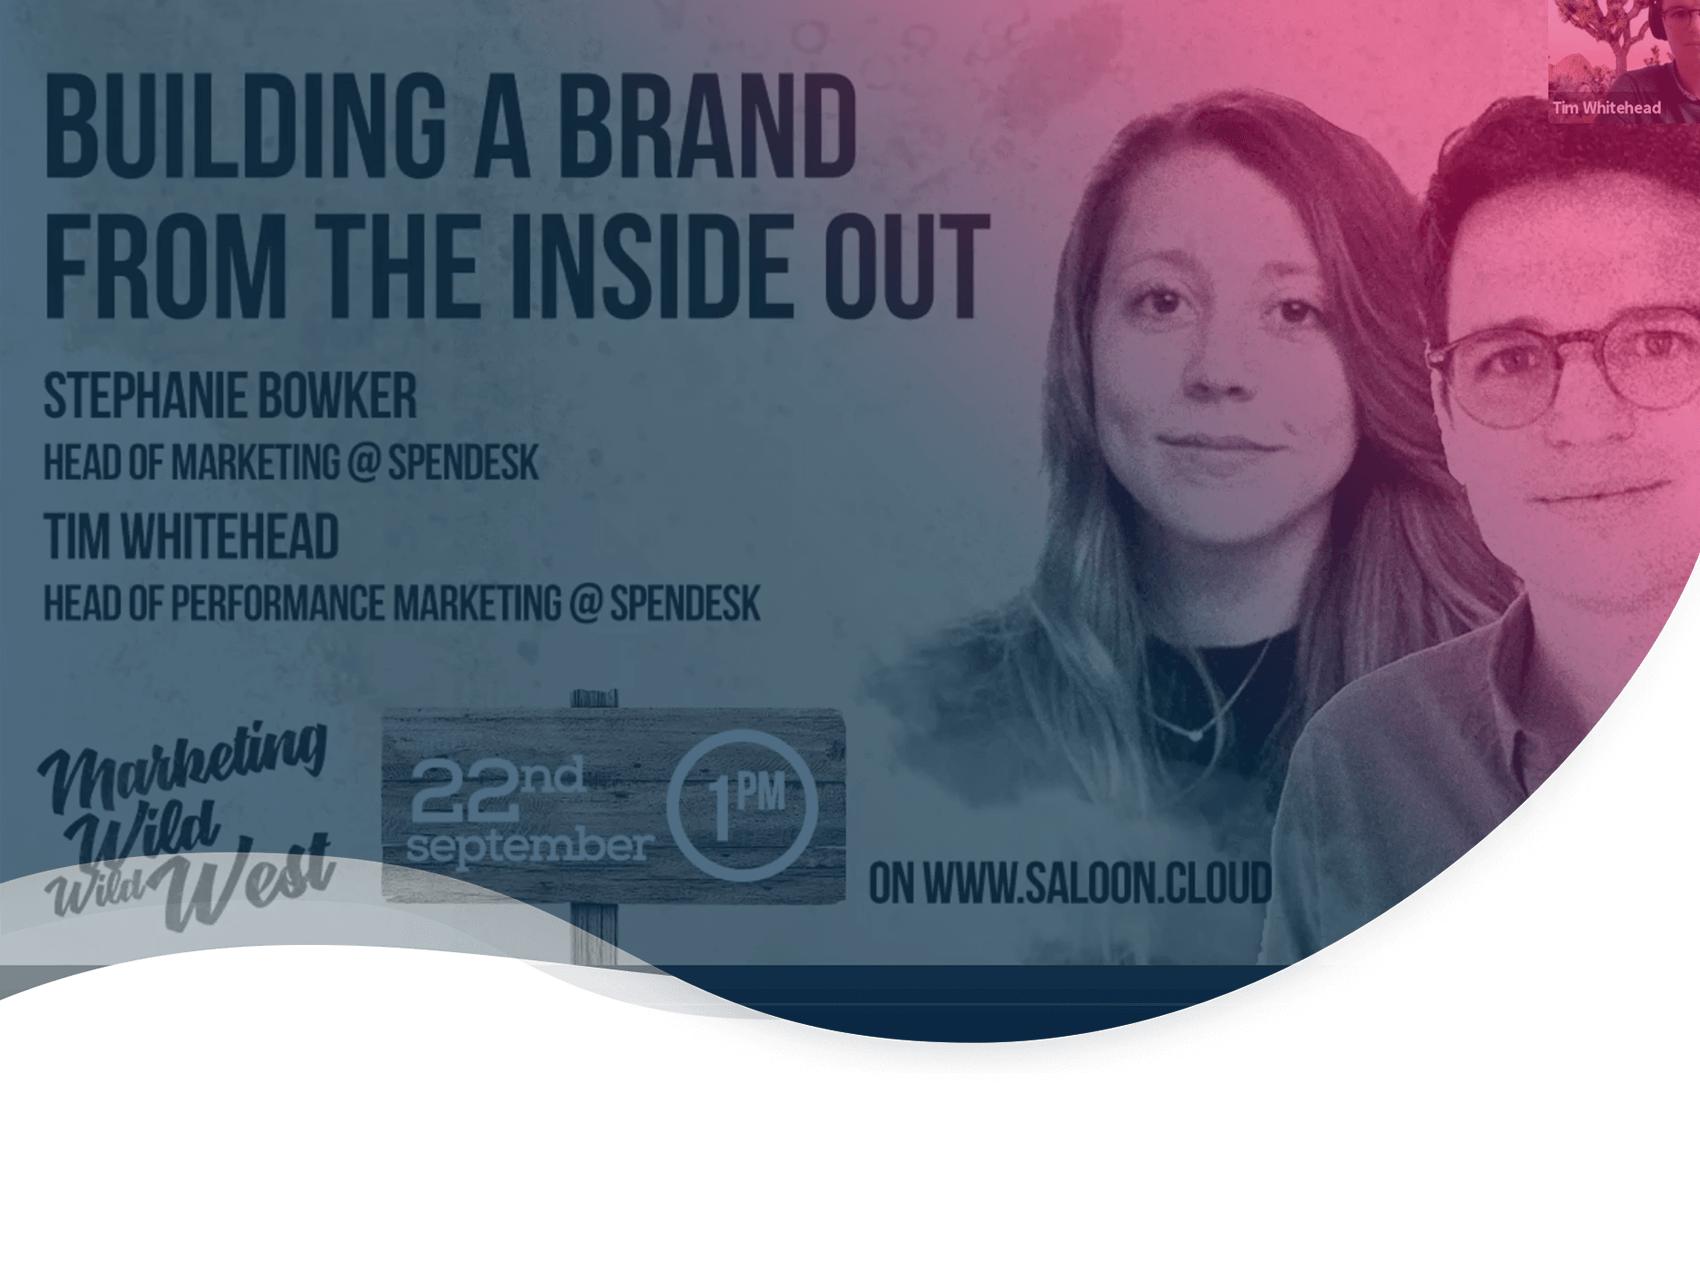 Les conseils de Spendesk pour faire de votre marque votre meilleure arme marketing